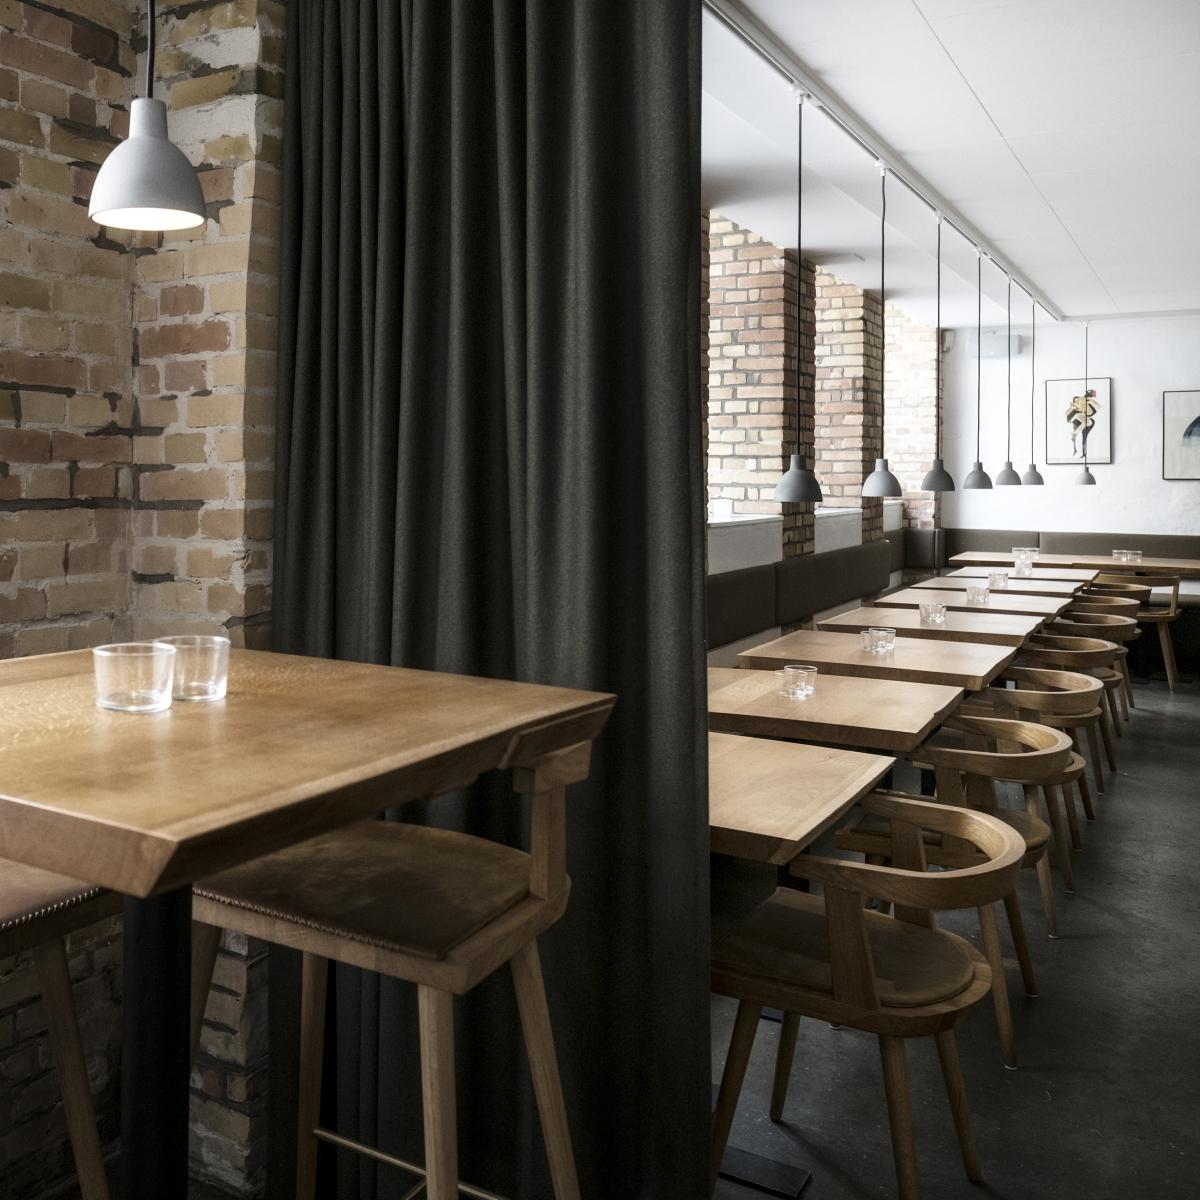 Restaurant Relæ Kopenhagen_Interieur